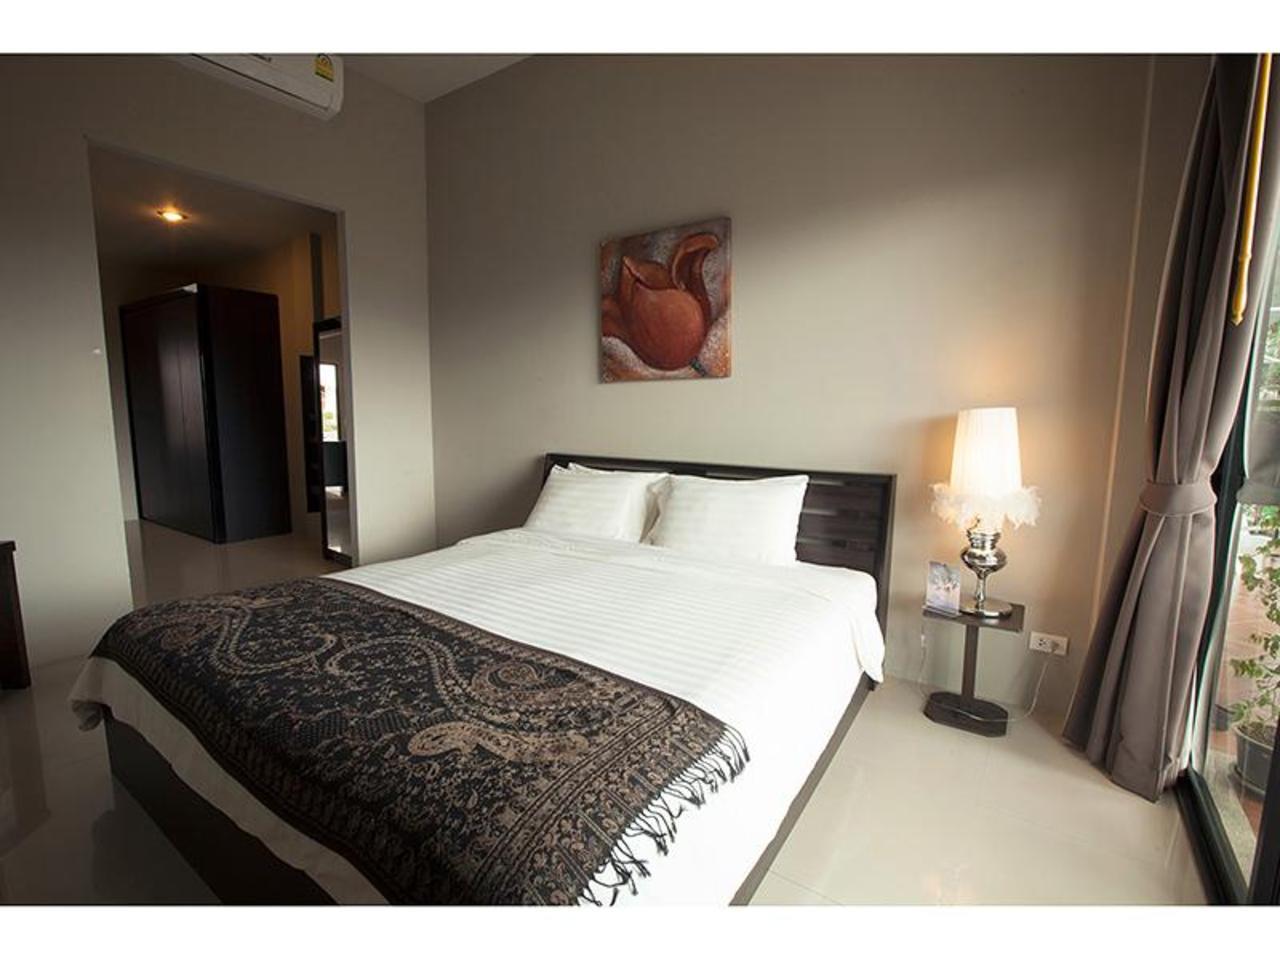 โรงแรมบูติค เดอะ กรีน เบย์วิว สมุย (Boutique The Green Bay View Samui Hotel)